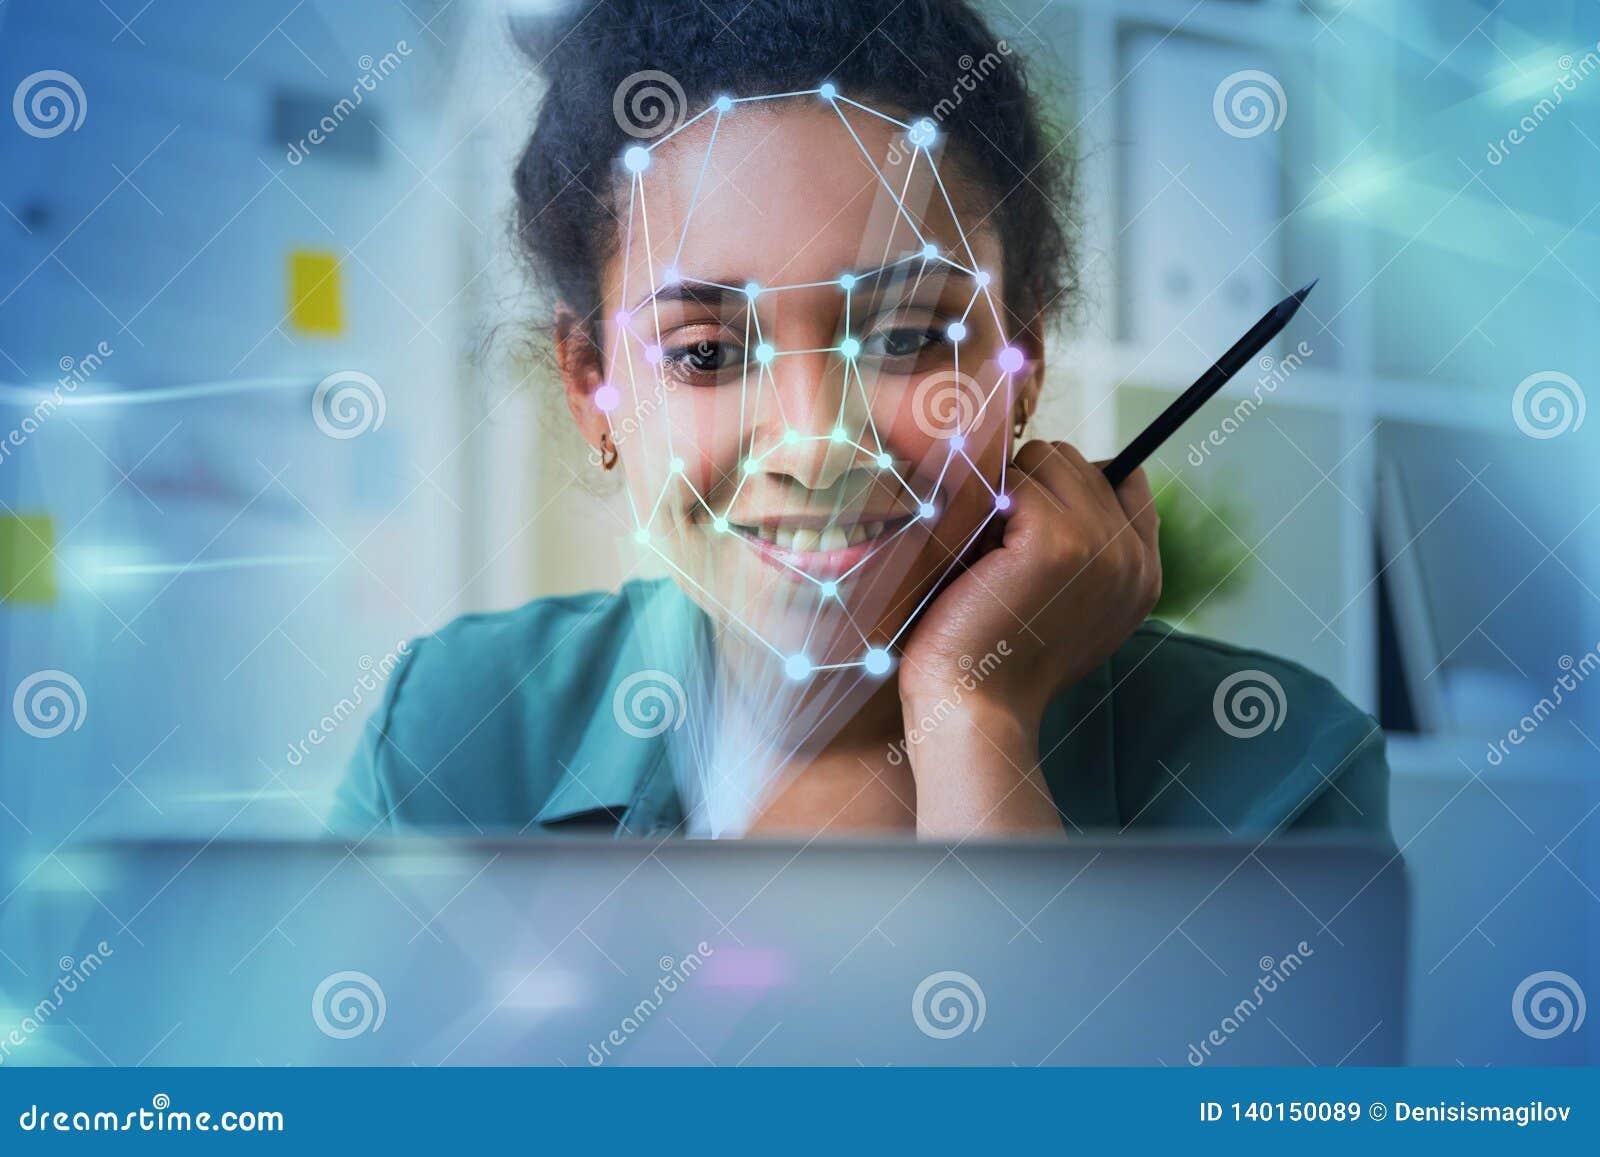 Женщина с ноутбуком, распознаванием лиц